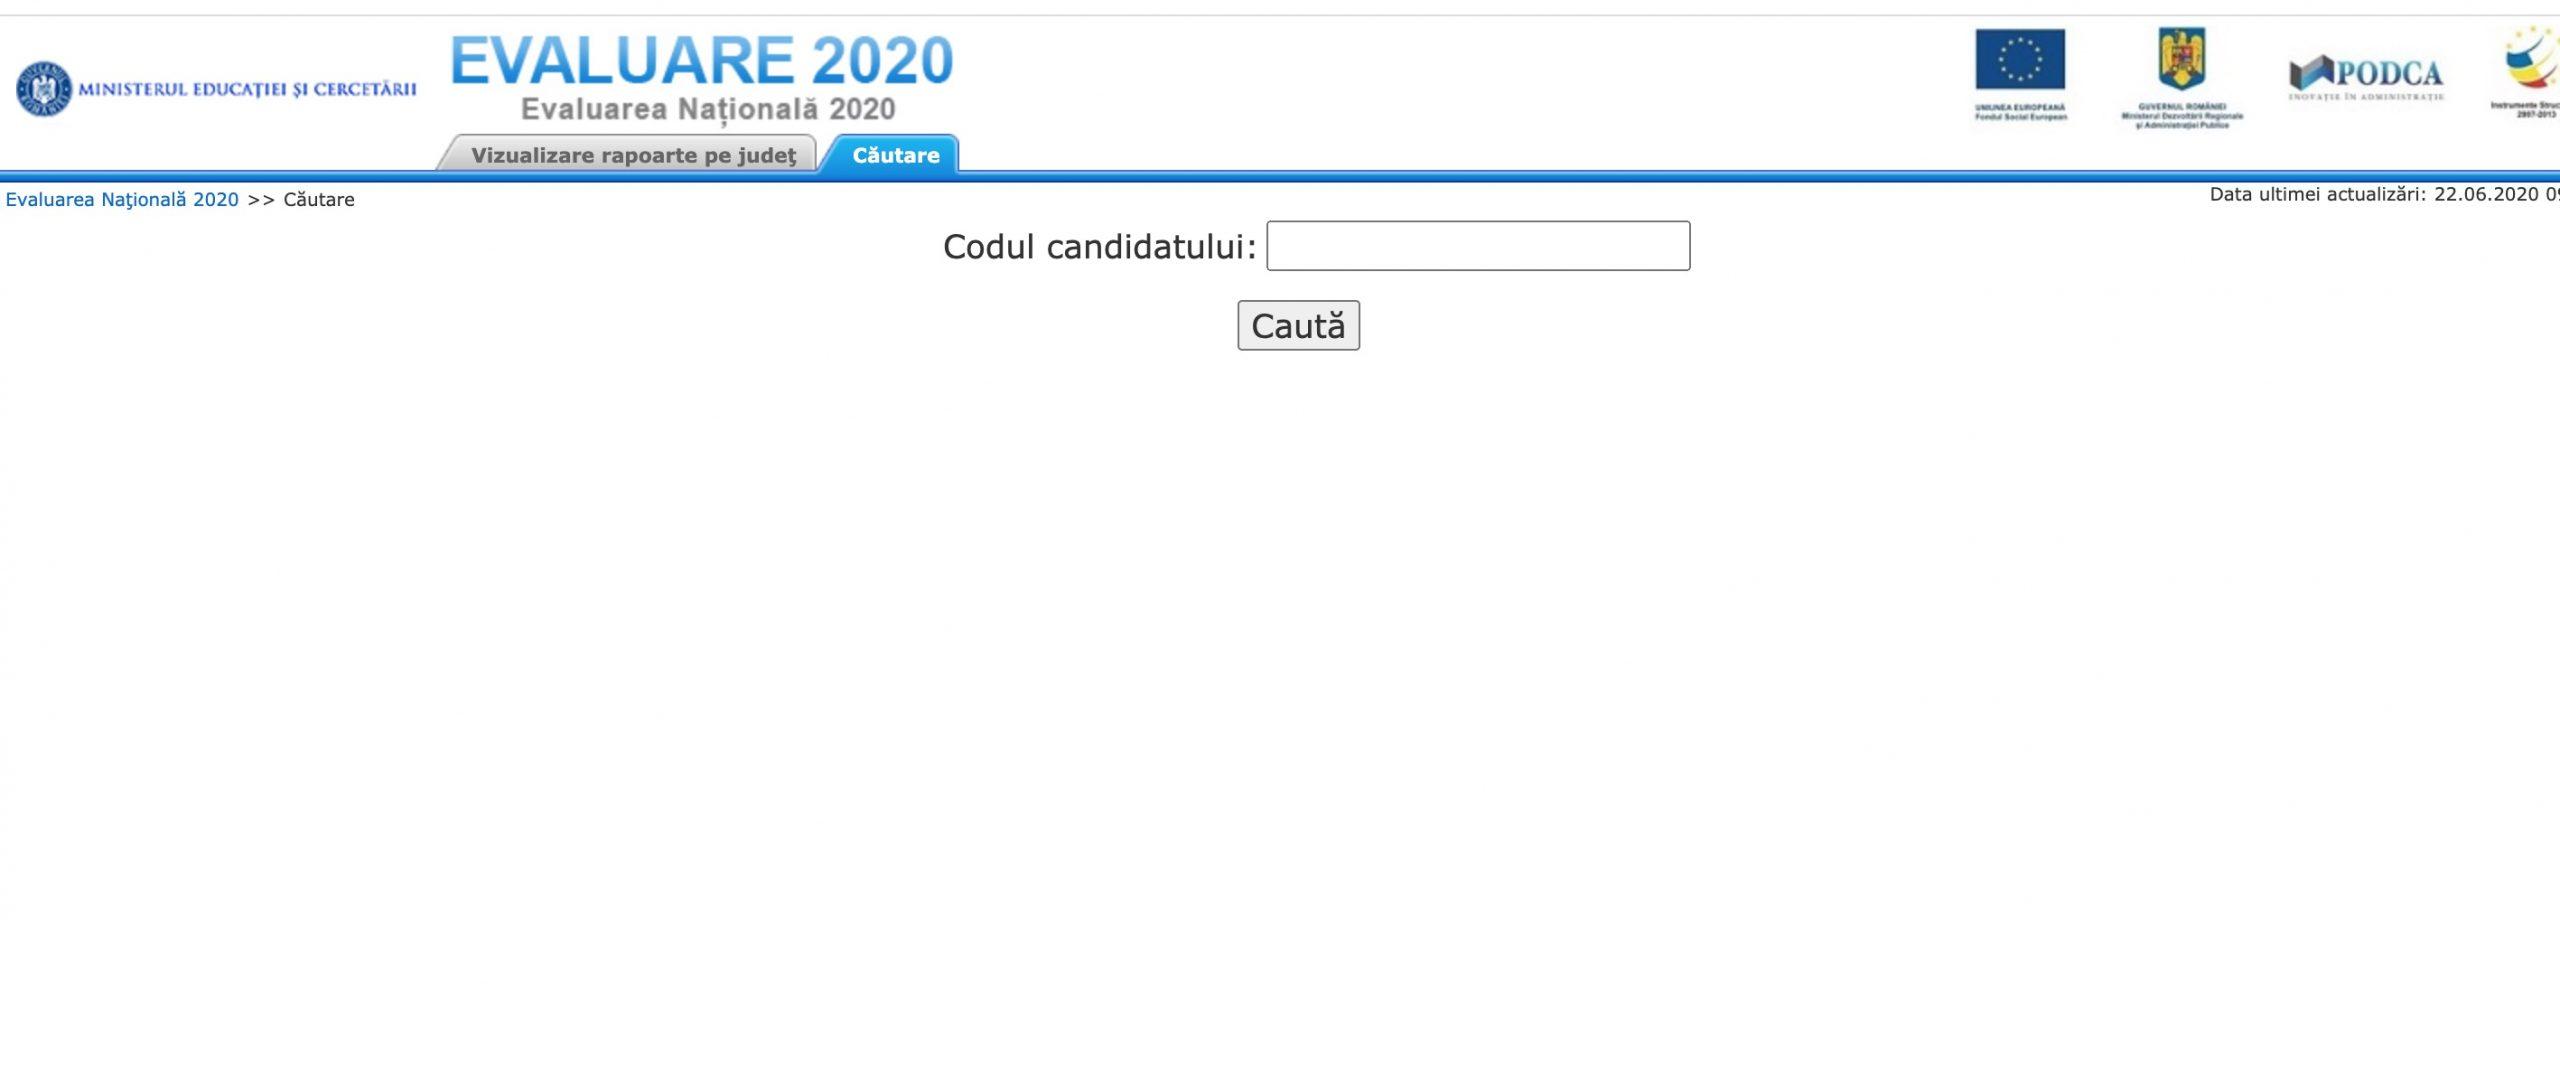 Rezultate Evaluarea Națională 2020 Ilfov Notele afișate pe Edu.ro